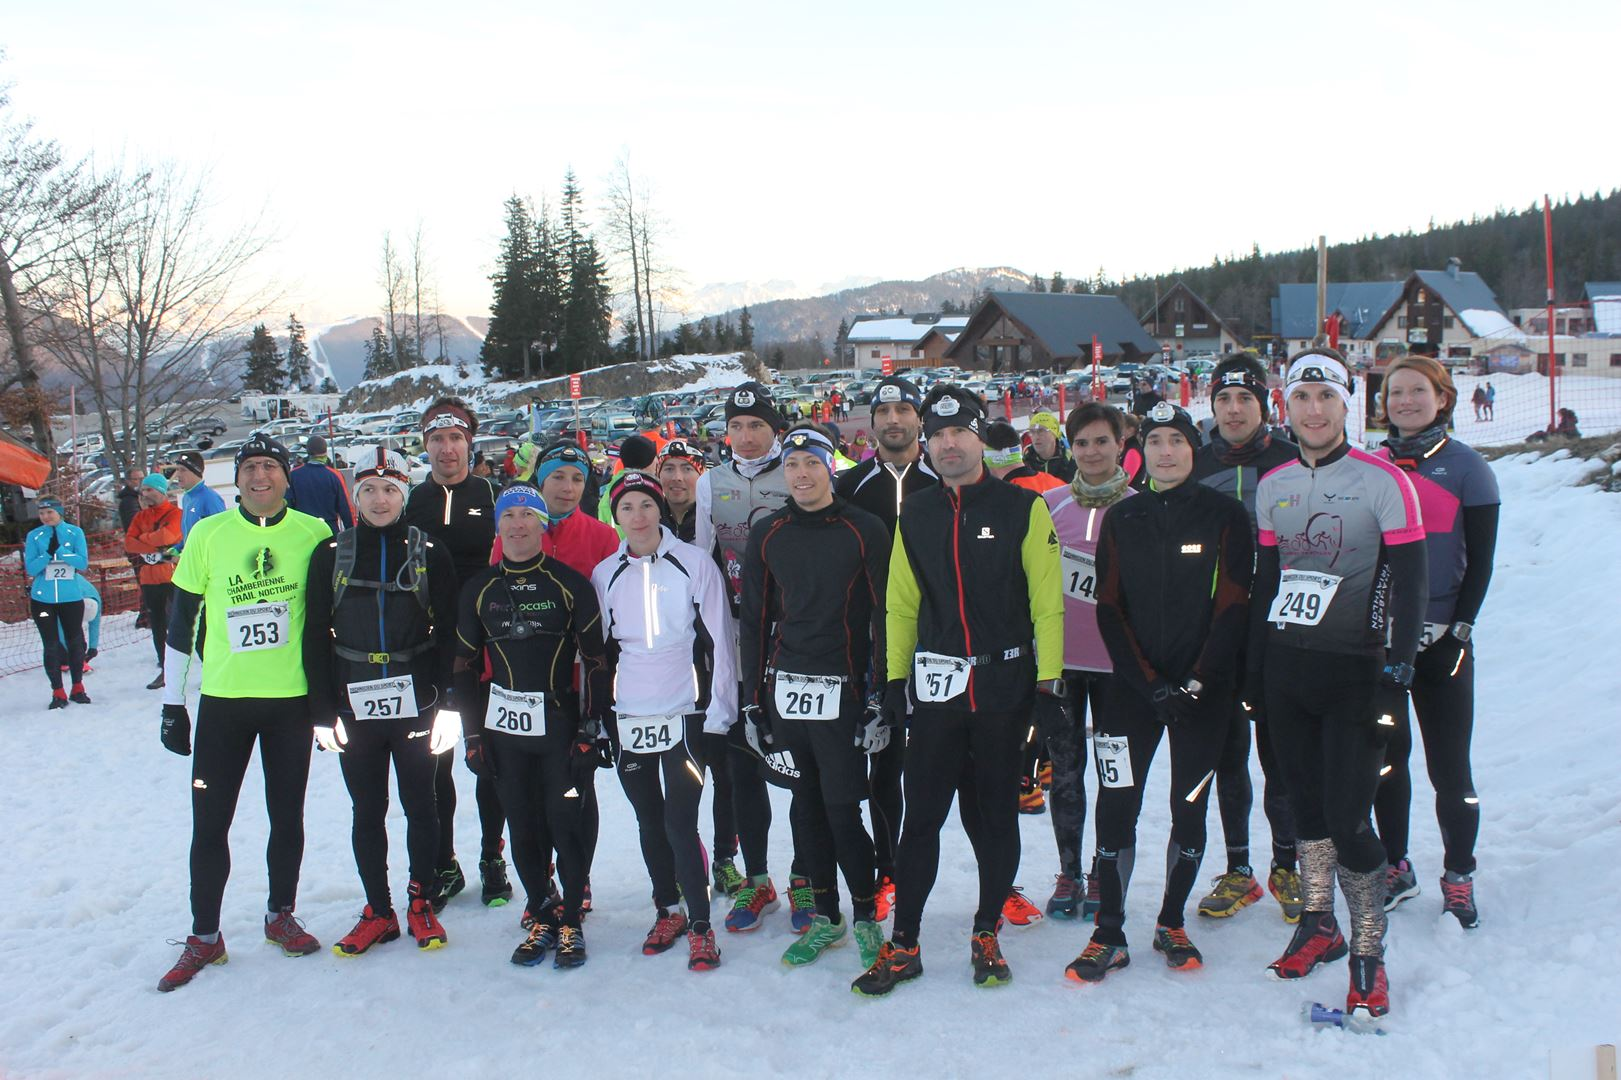 Chambéry Triathlon club le plus représenté - RÉSULTATS ET REPORTAGE DU TRAIL DE LA FÉE BLANCHE -MARGERIAZ 73-    25-02-2017